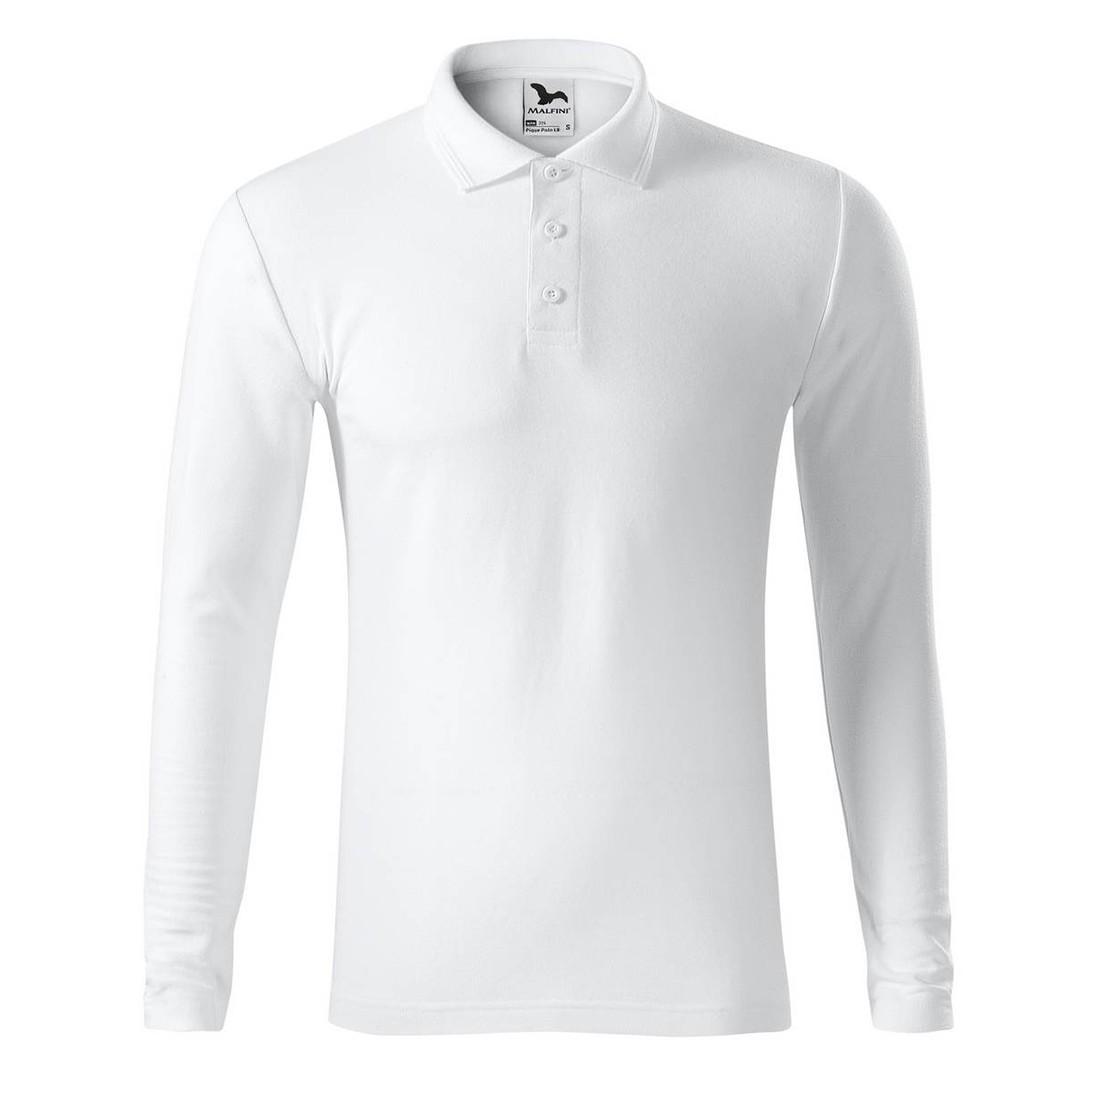 Tricou polo Bărbaţi PIQUE POLO ML - Imbracaminte de protectie